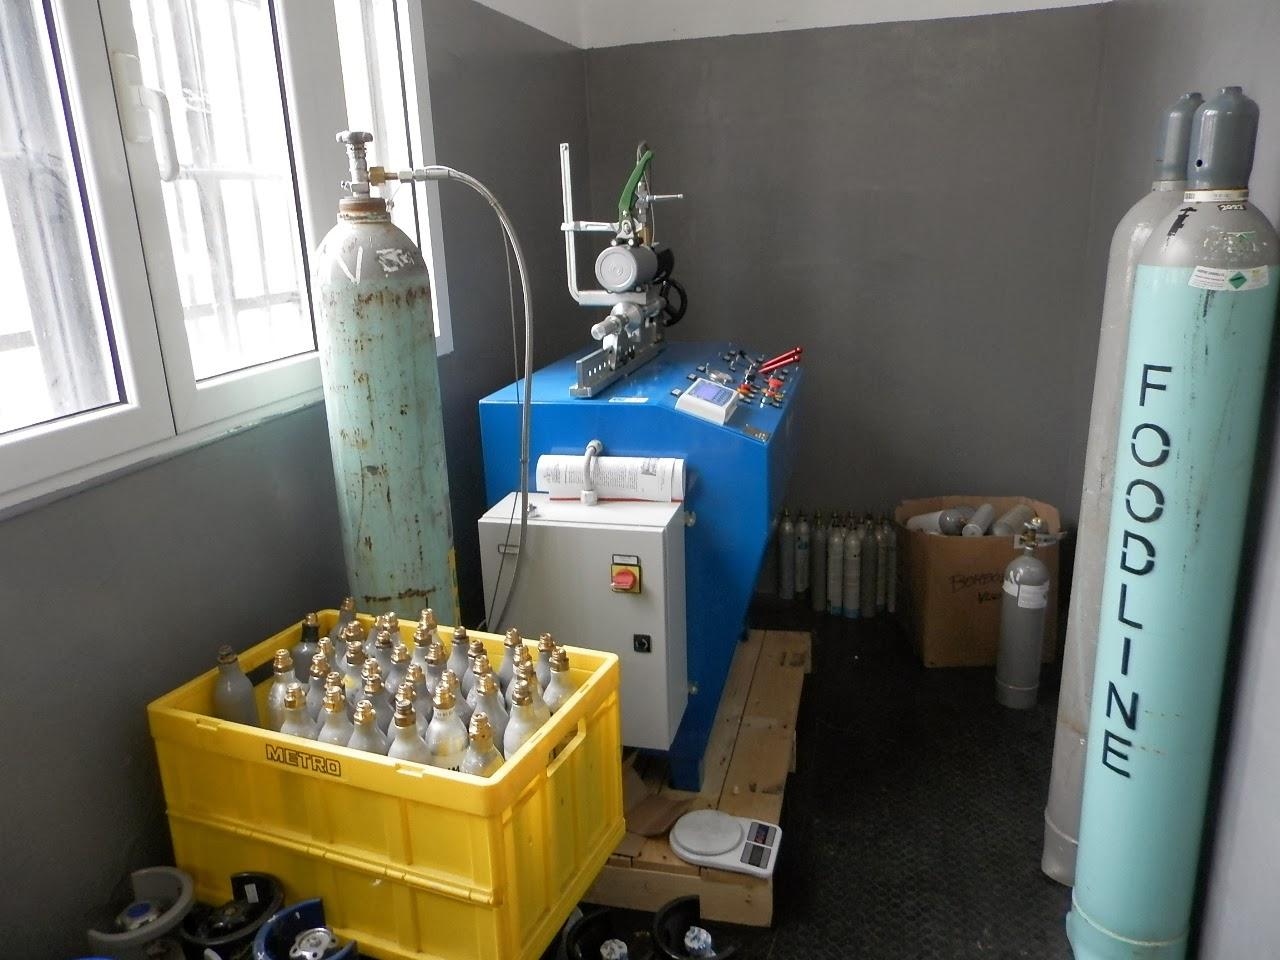 osmosi, microfiltrazione, erogatori acqua: servizio ricarica bombole